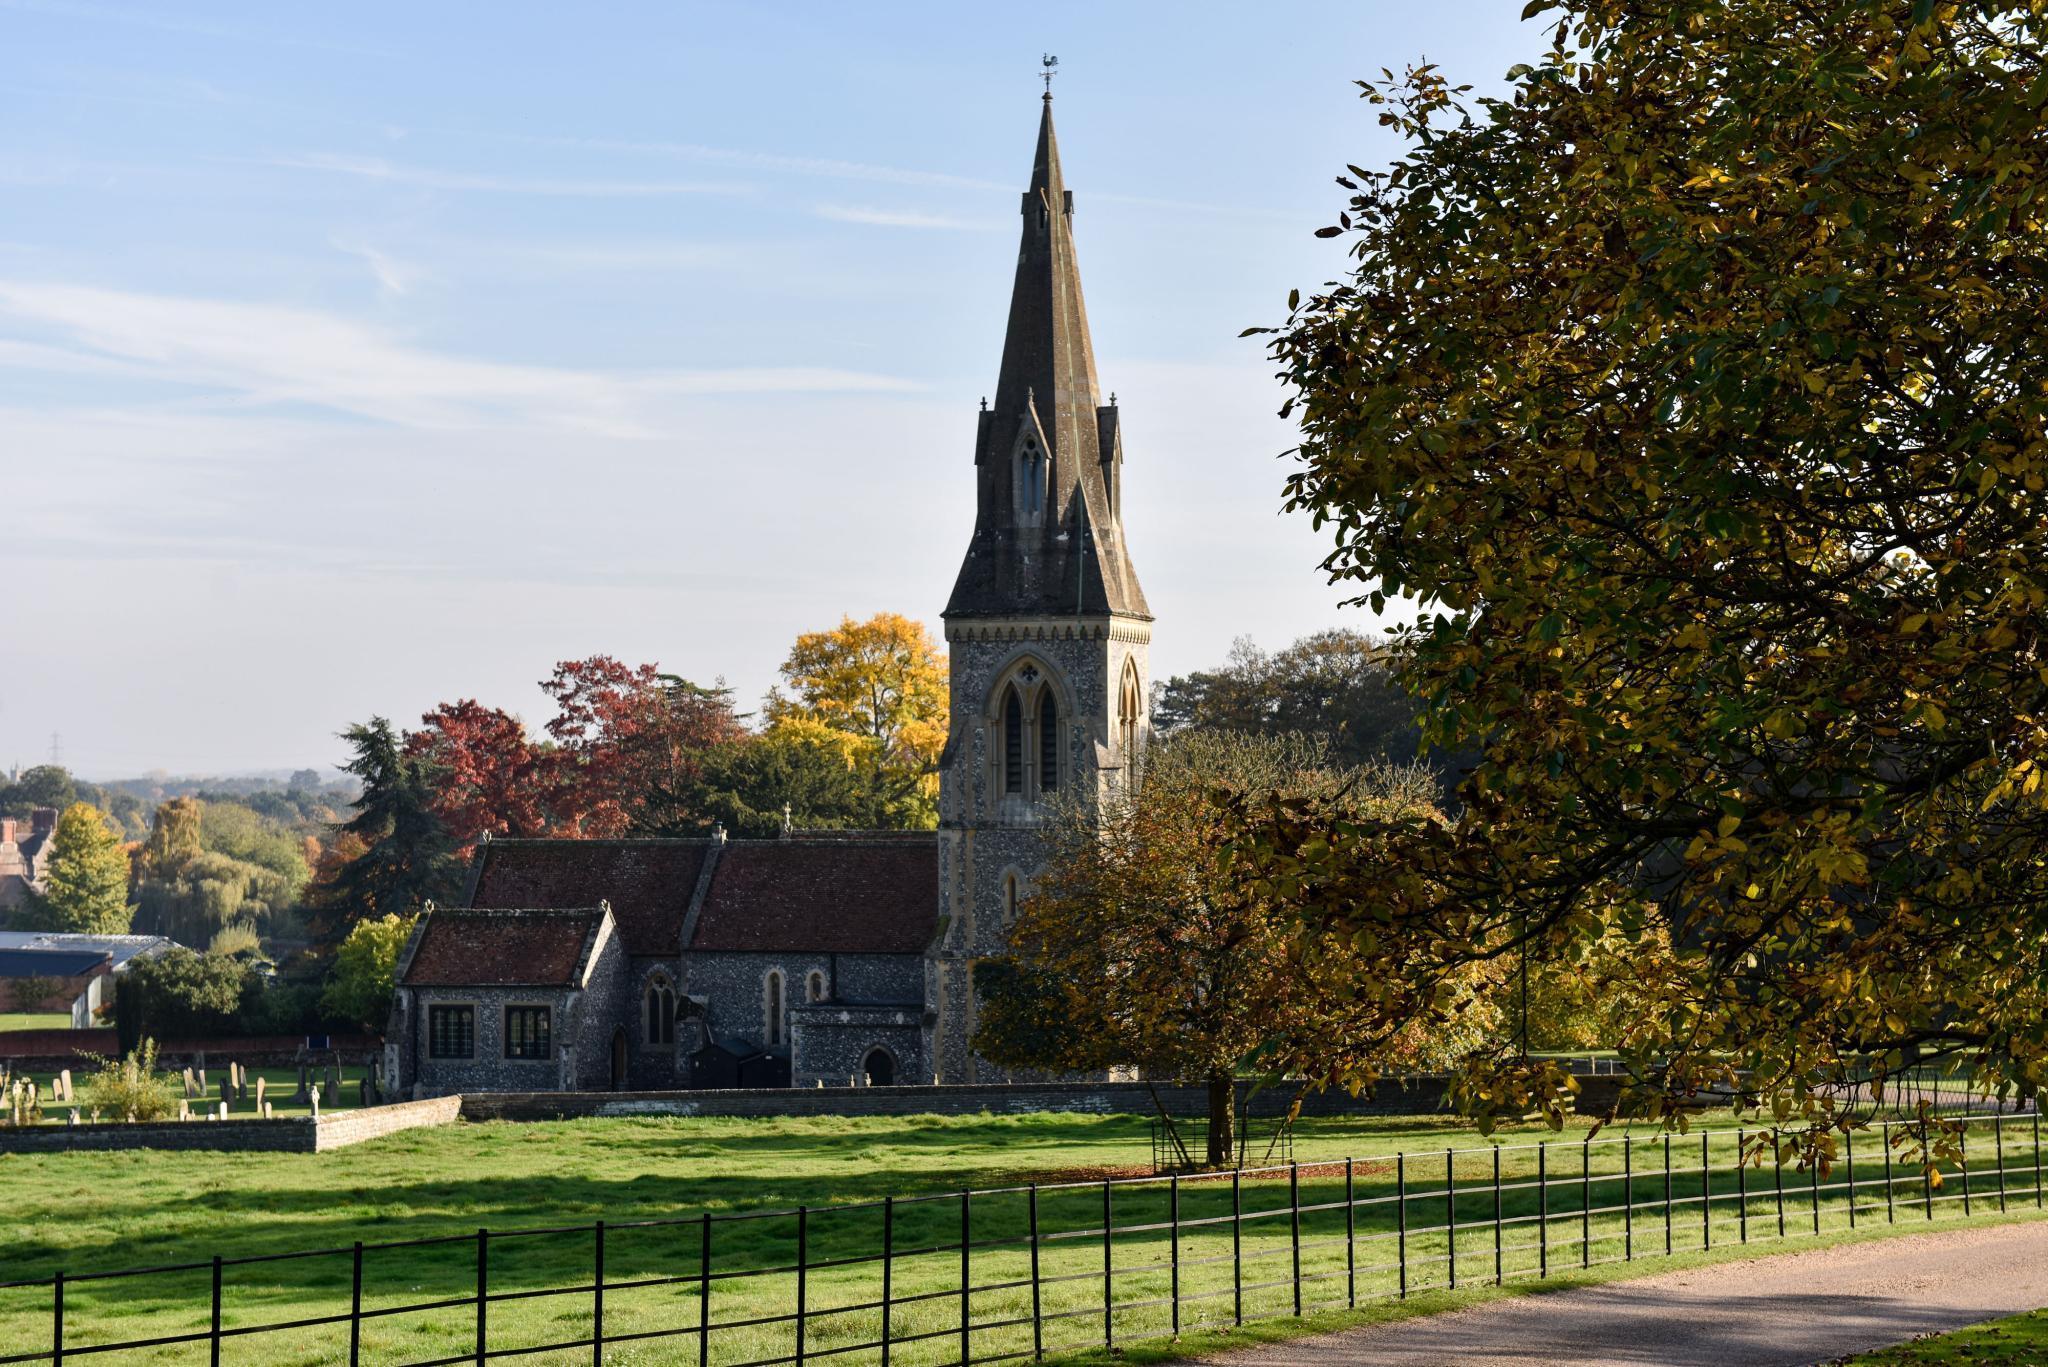 Herrlich pittoresk, die Hochzeitskirche in Berkshire. Für Mai buchte Pippa gleich alle Wochenenden – als kleines Ablenkungsmanöver.